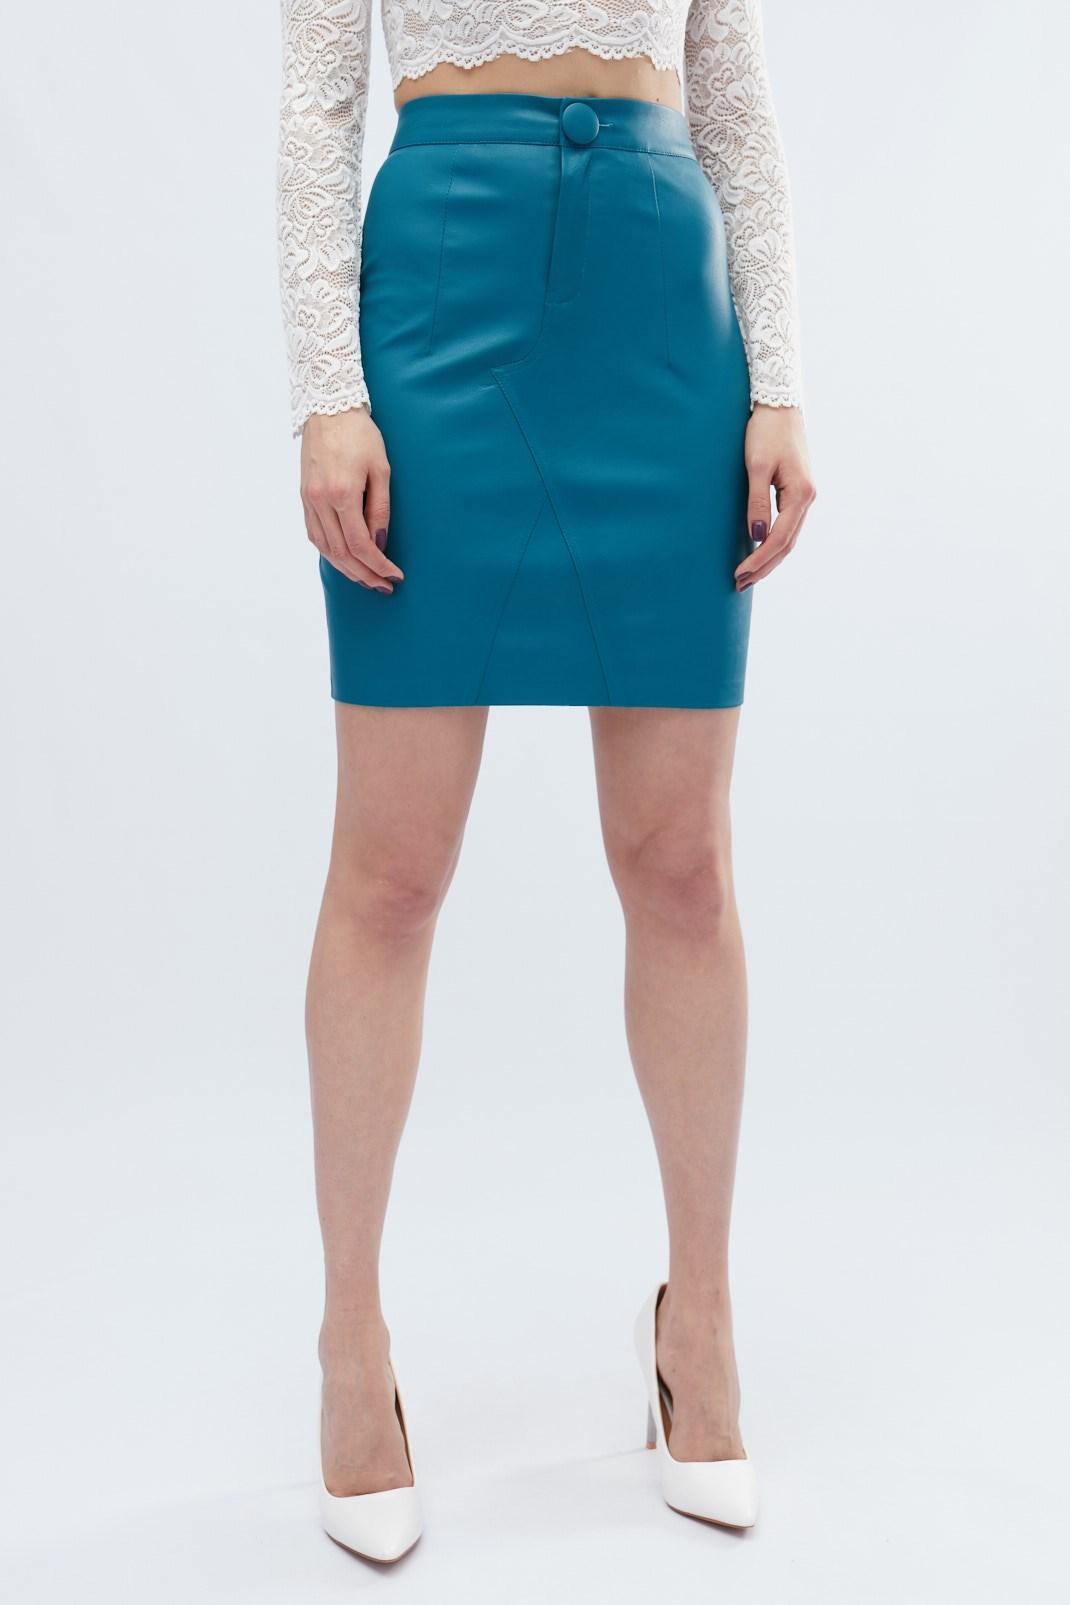 Женская юбка в обтяжку 3